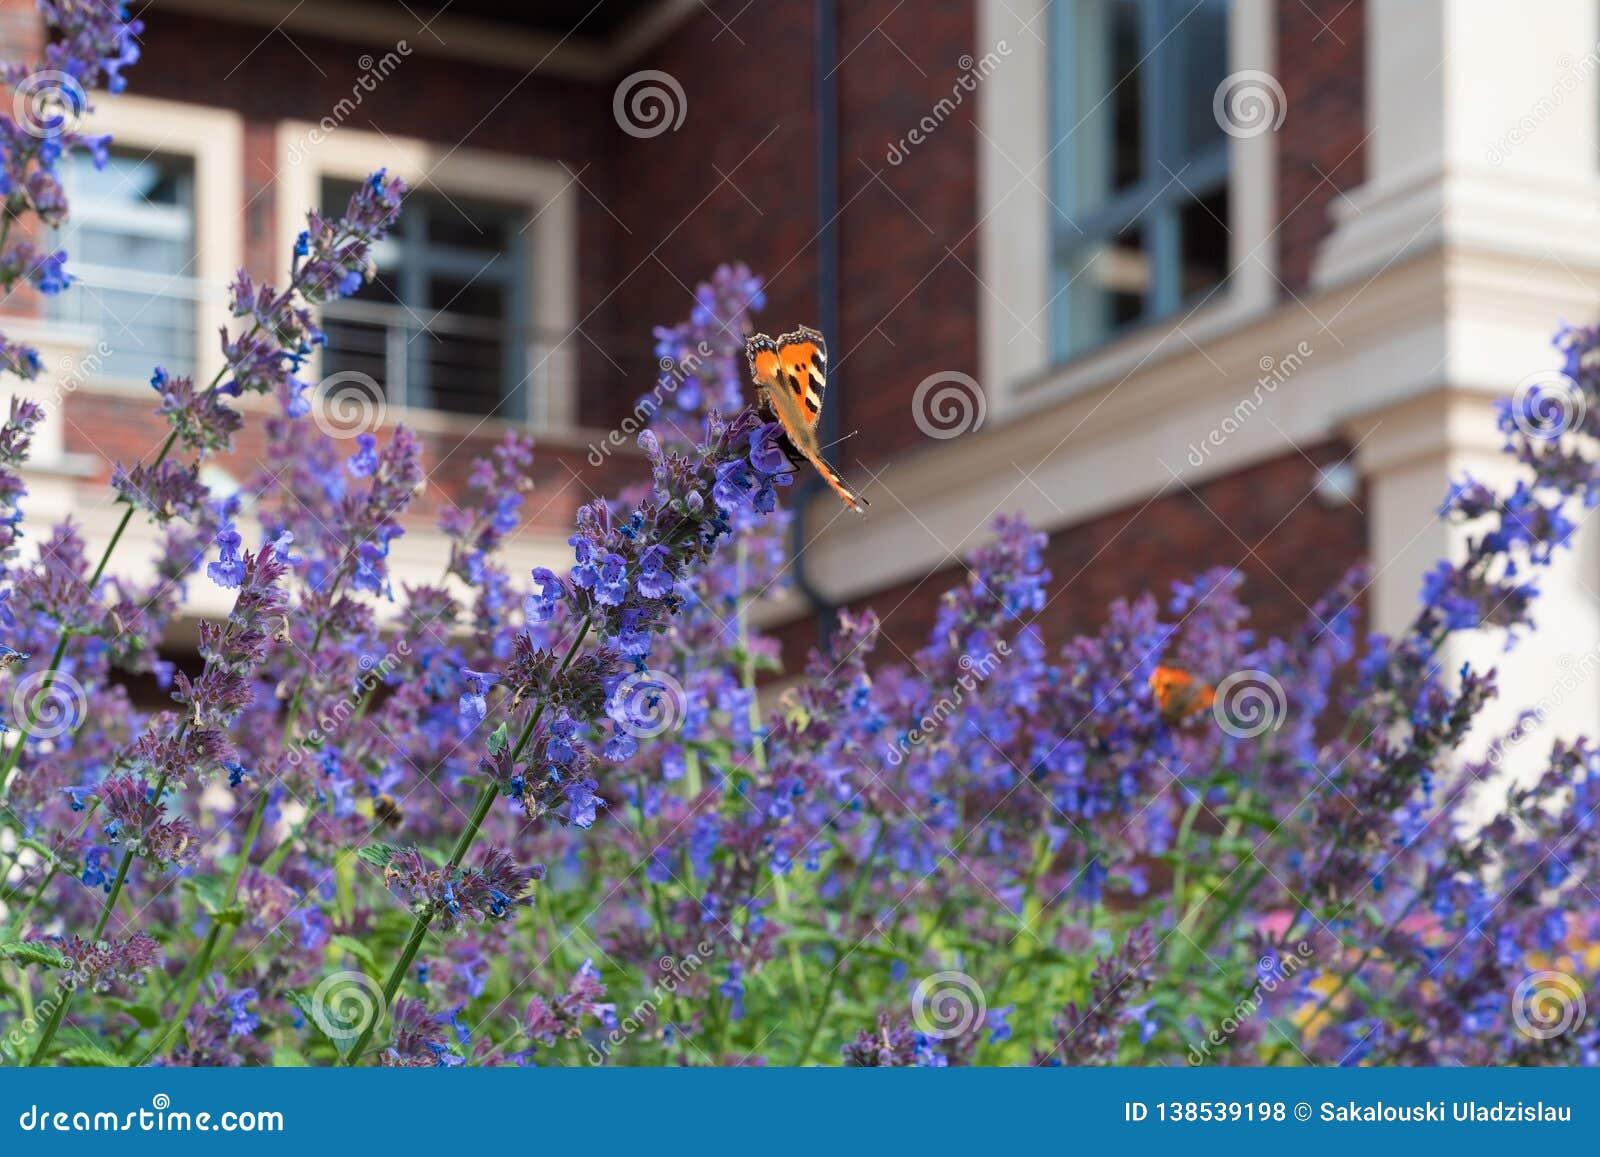 Der Urticaria-Schmetterling sitzt auf purpurrotem Blumen Nepeta Ð ¡ ataria gegen den unscharfen Hintergrund eines privaten Hauses